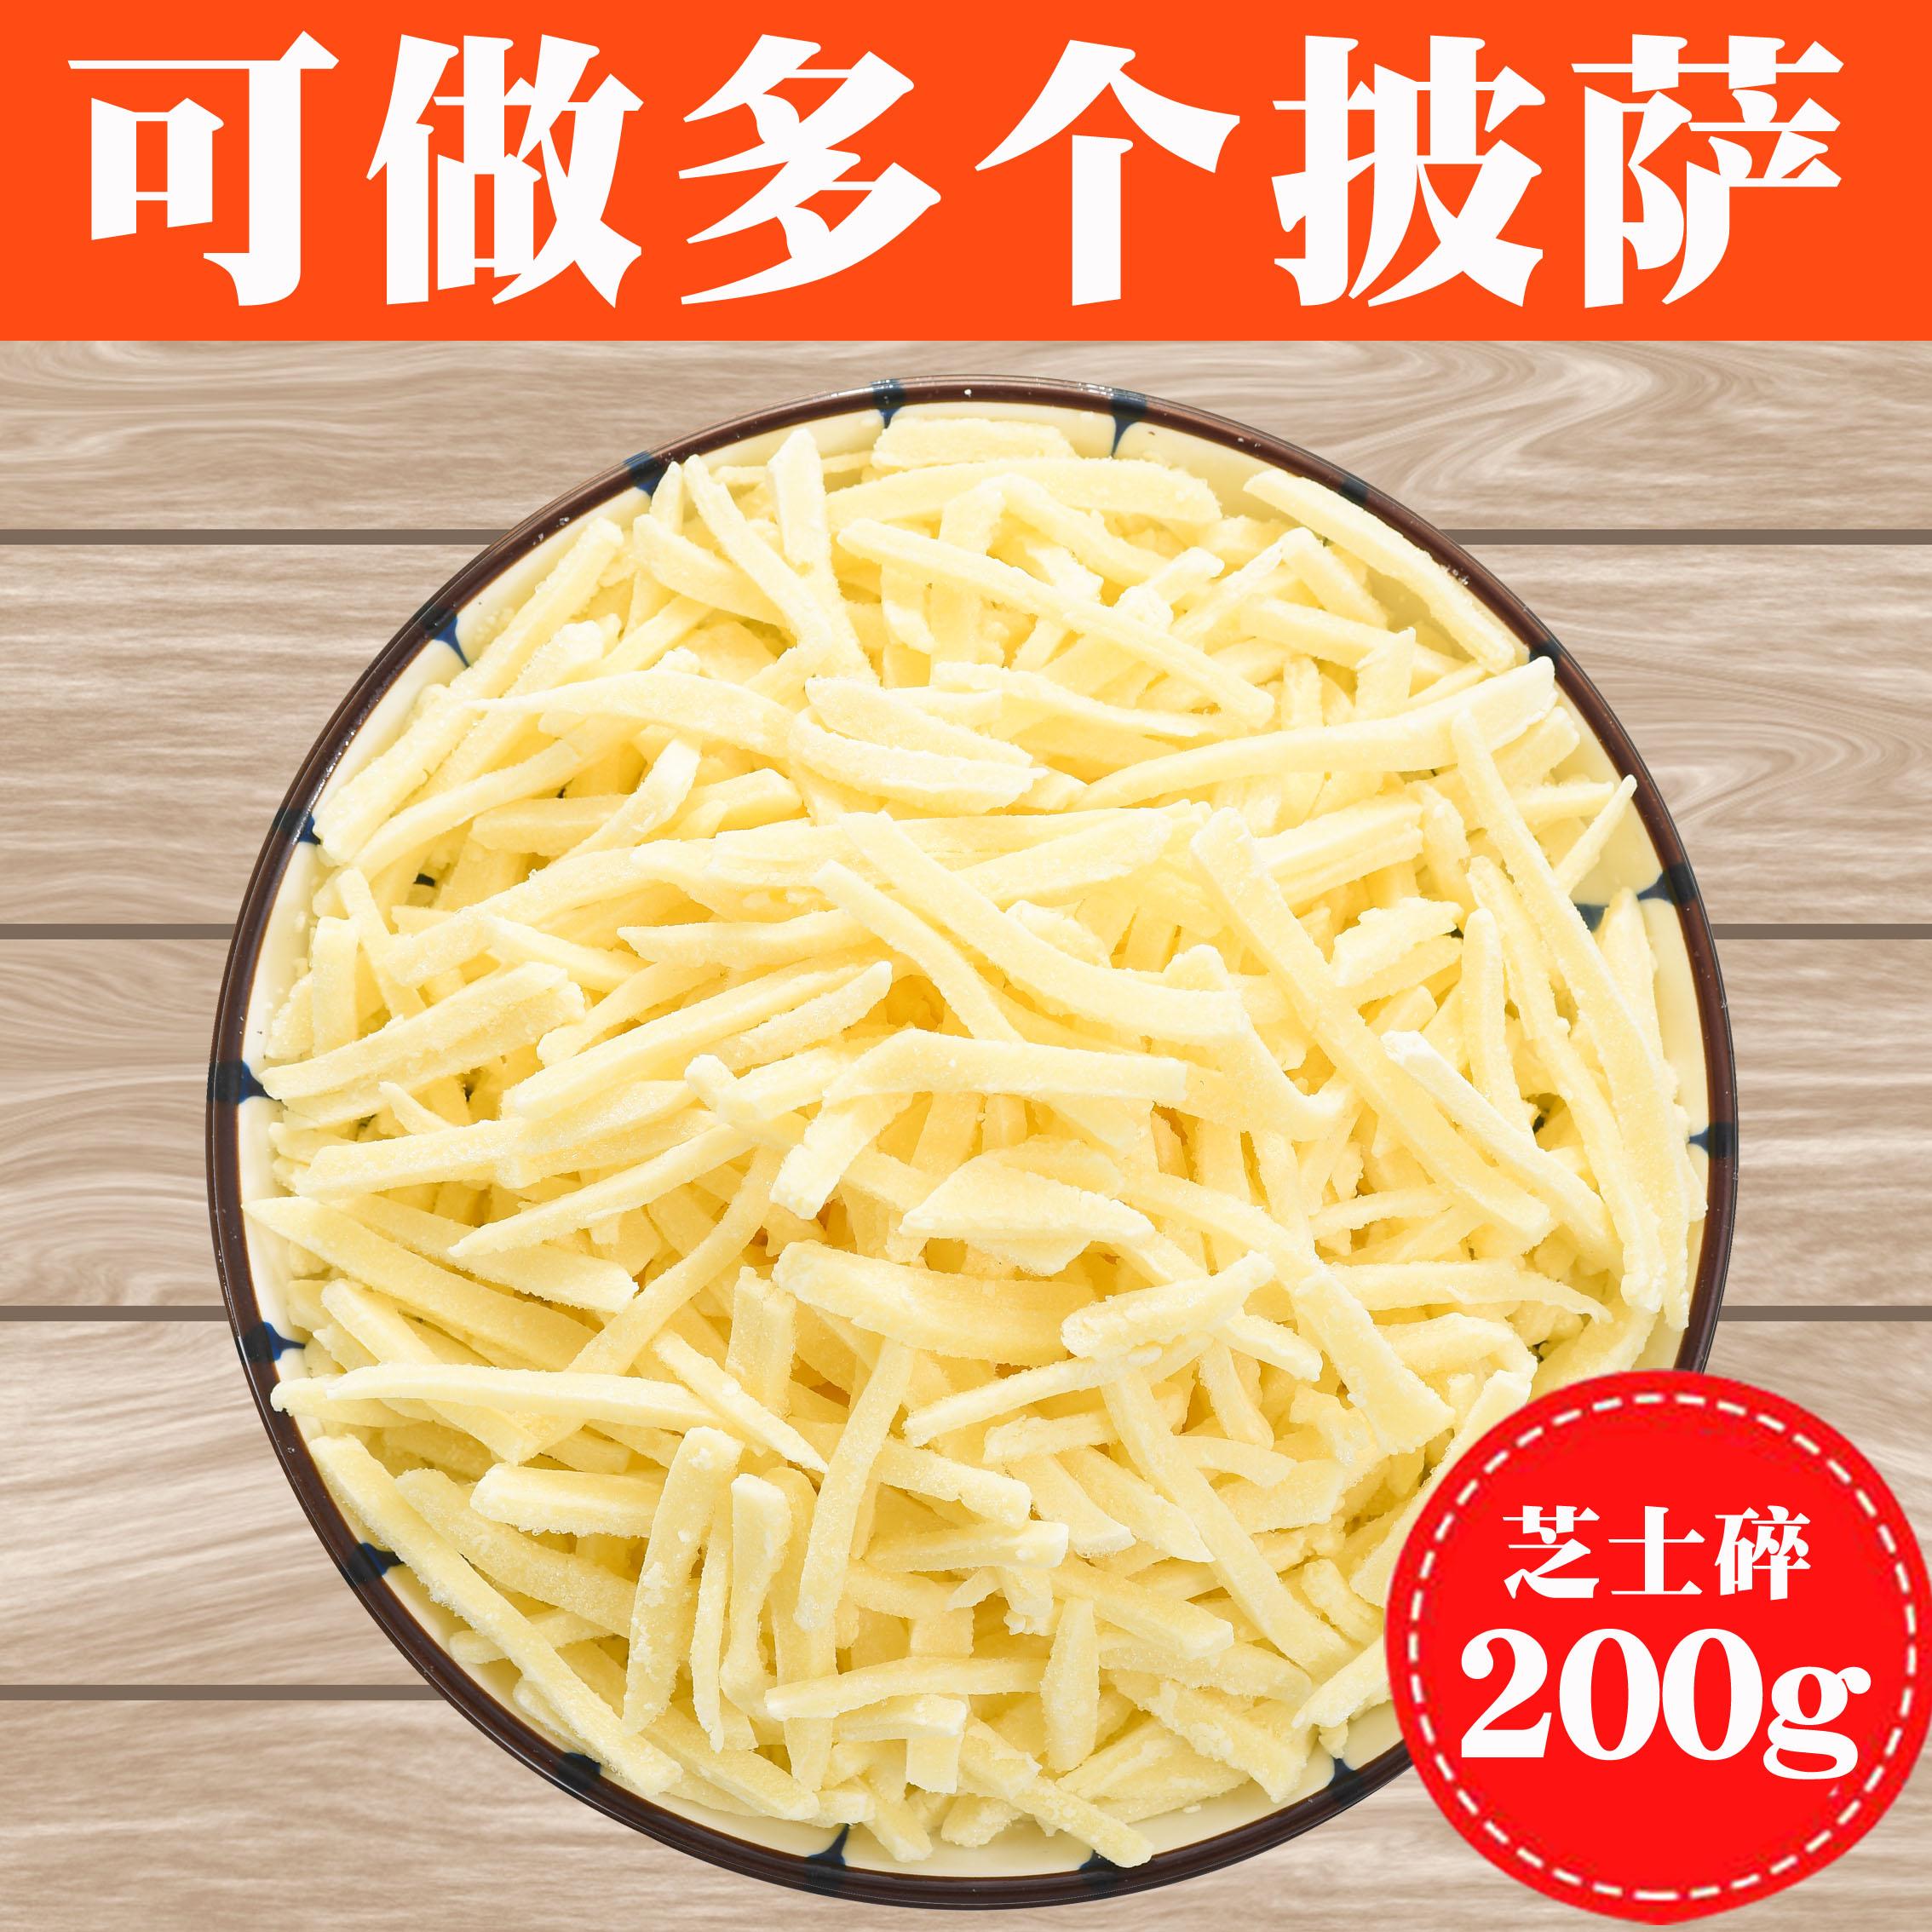 马苏里拉芝士碎条片拉丝奶酪披萨材料家用起司烘焙配料商用200g